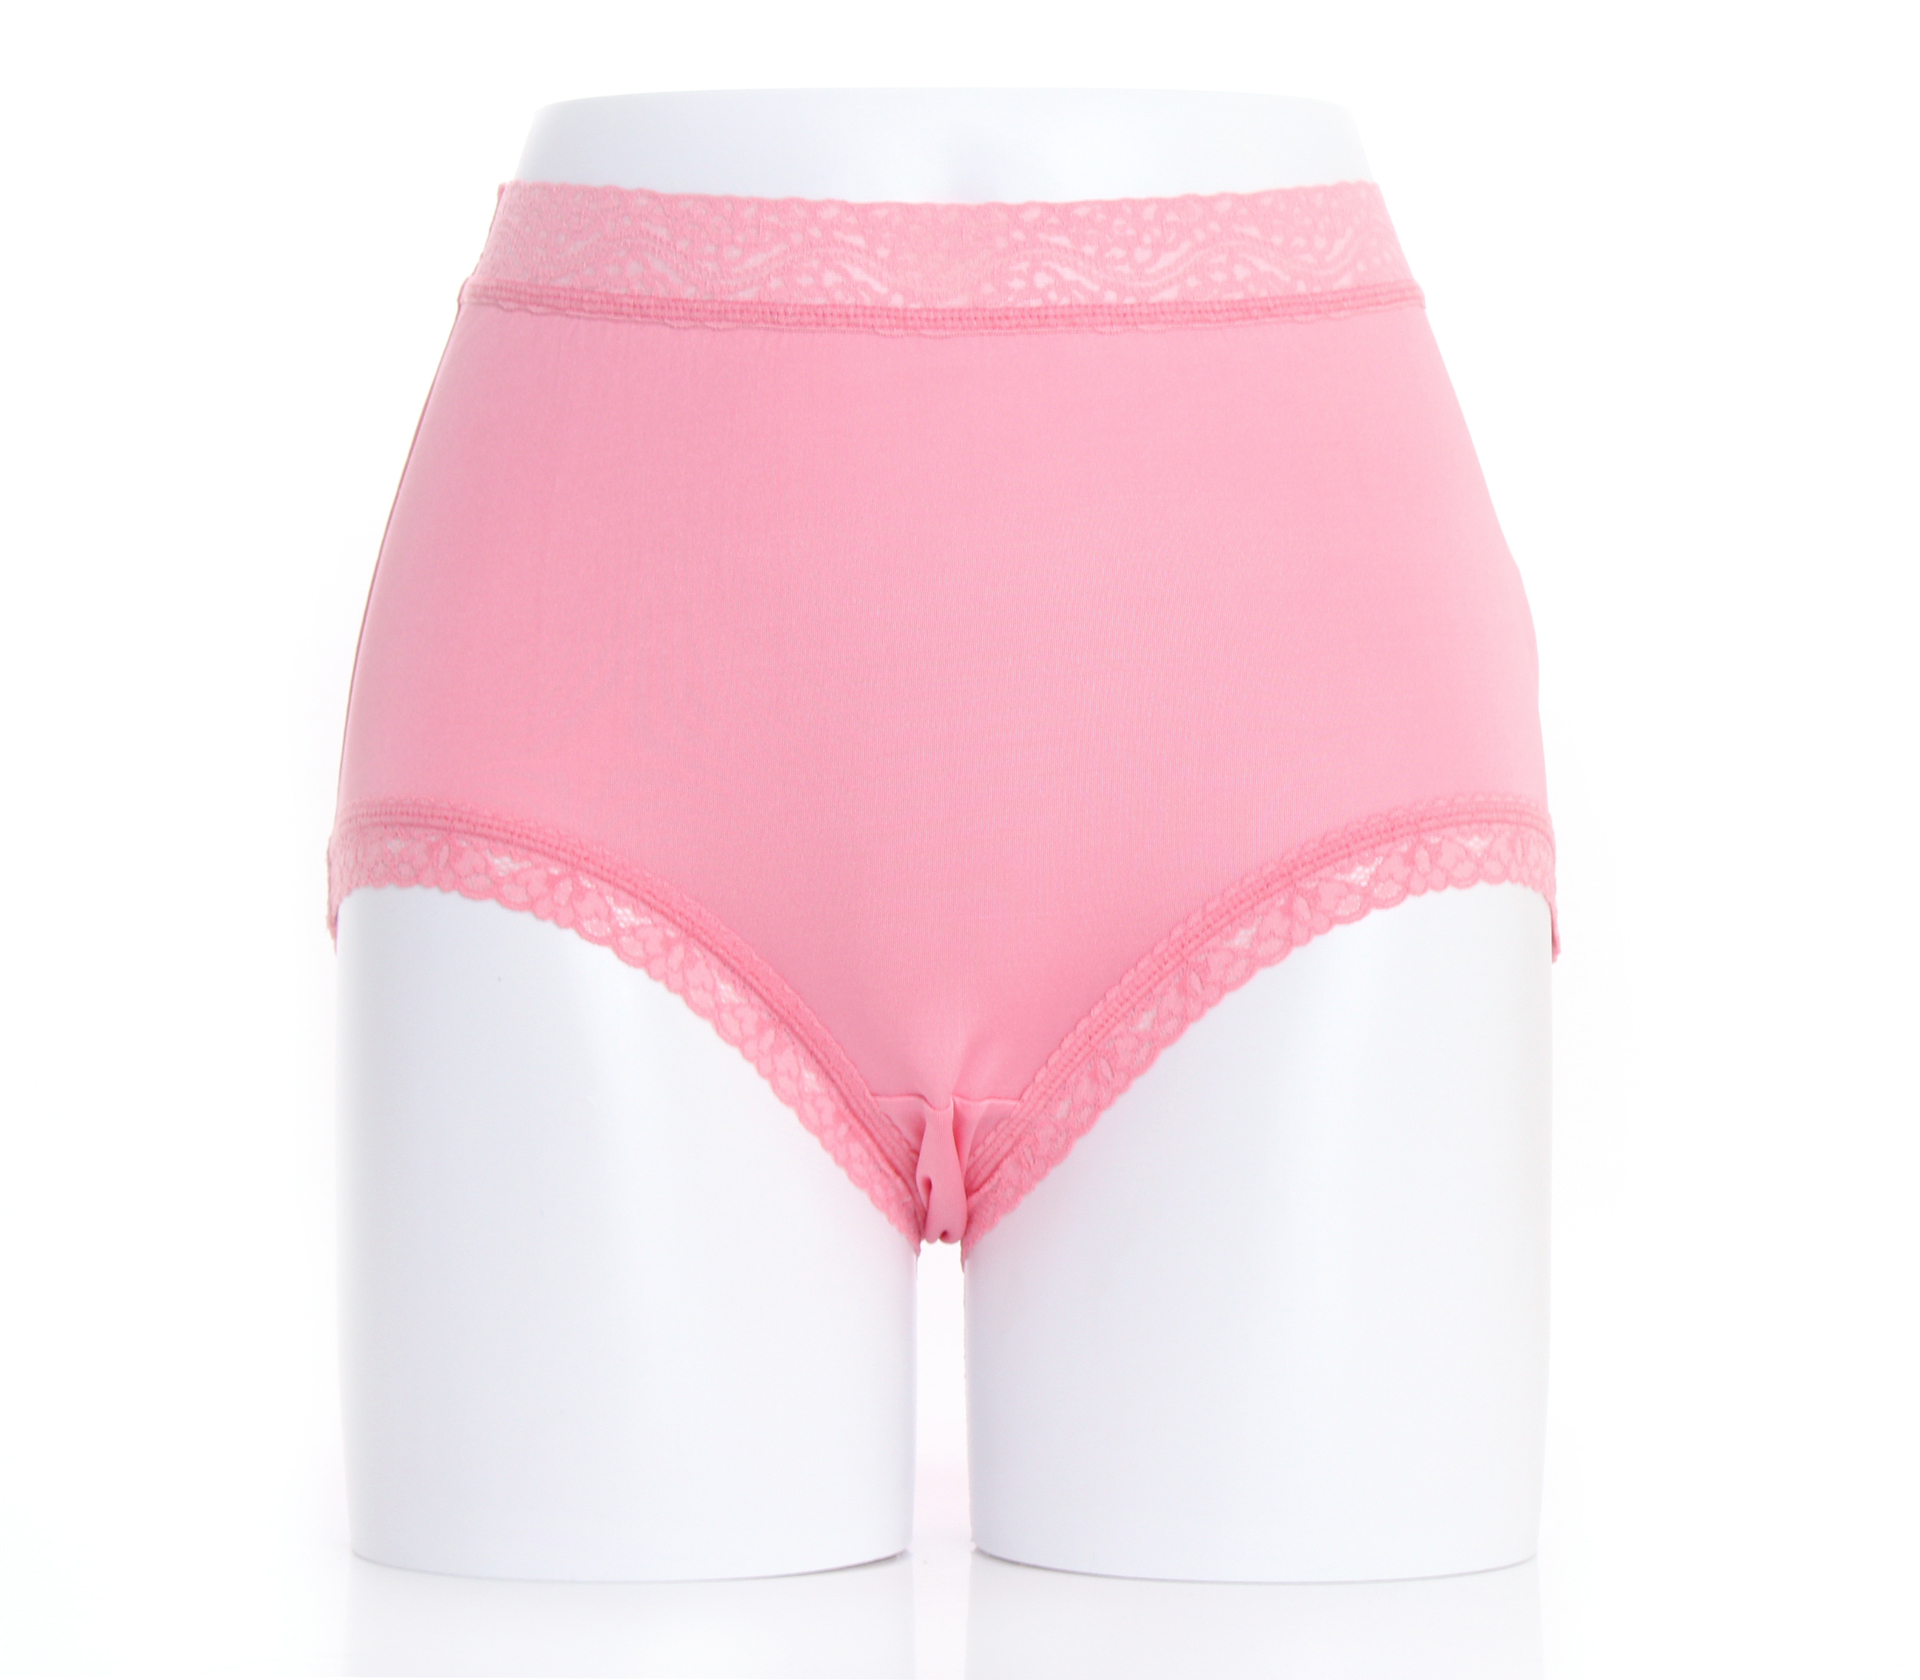 闕蘭絹『超高腰』包覆頂級40針100%蠶絲內褲-8795(粉)